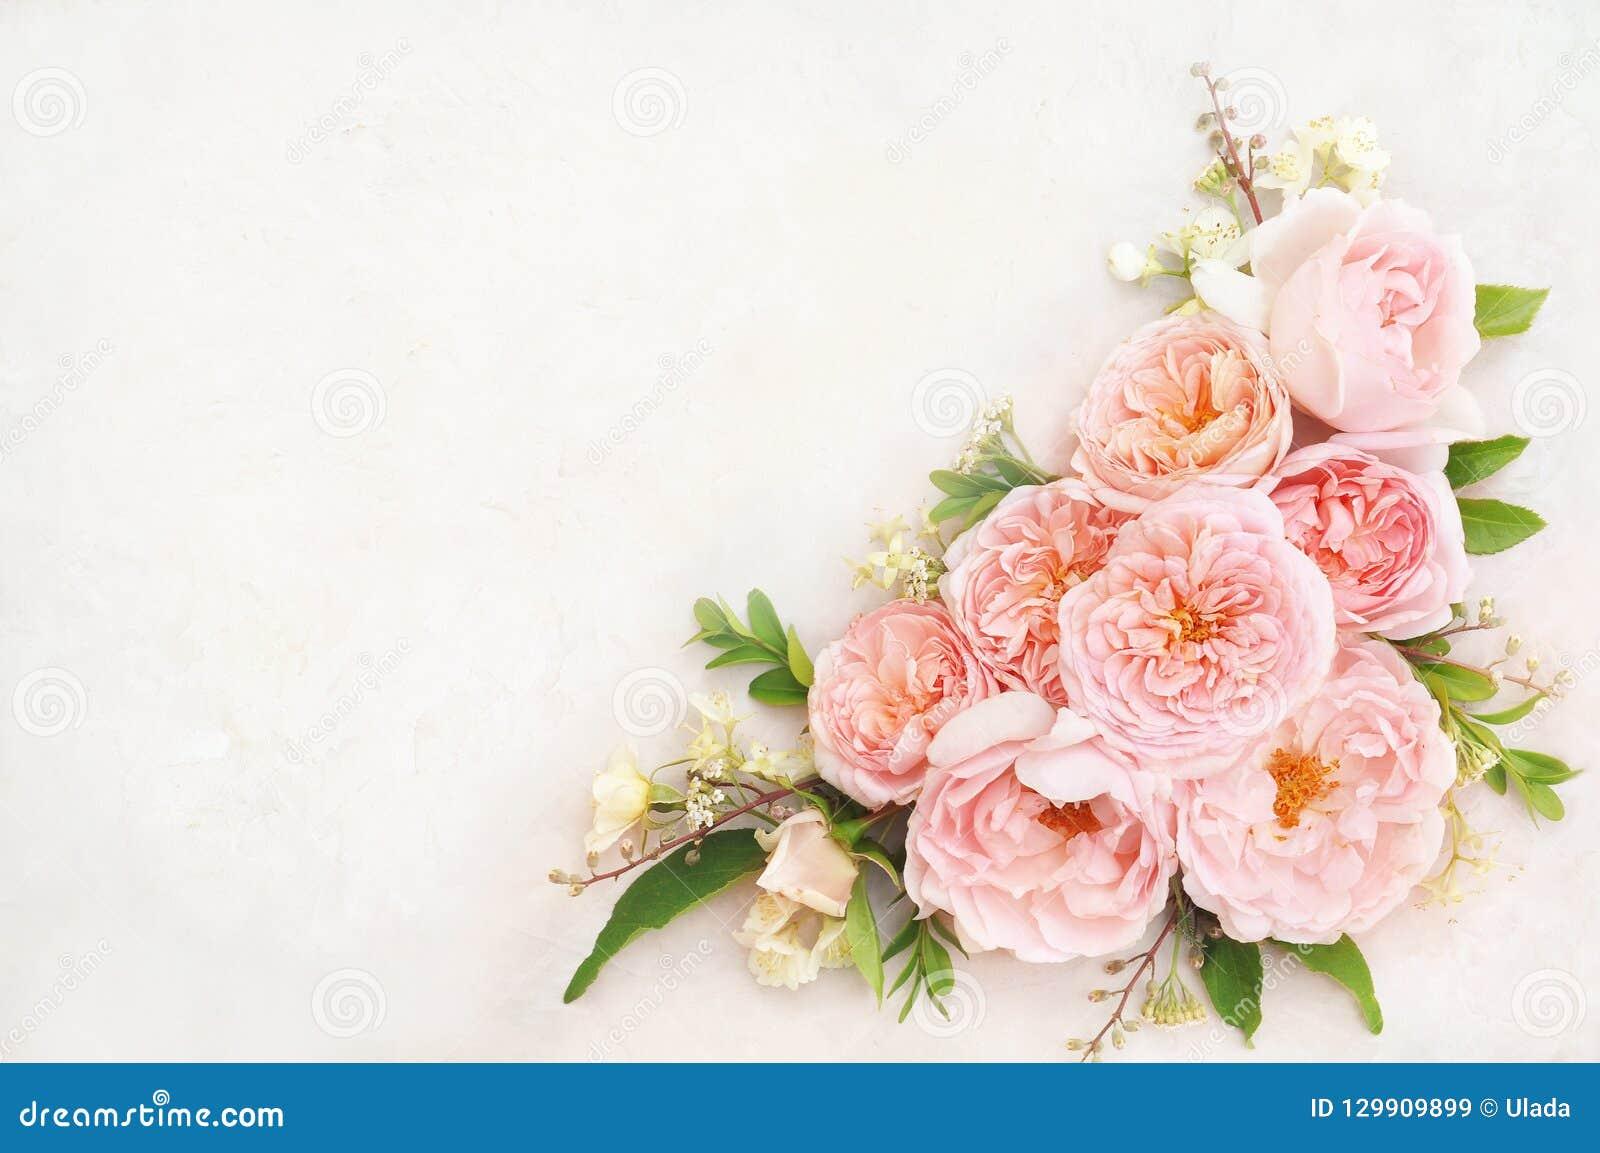 Tarjeta floral festiva color de rosa delicada floreciente del fondo de las flores del verano, en colores pastel y suave del ramo